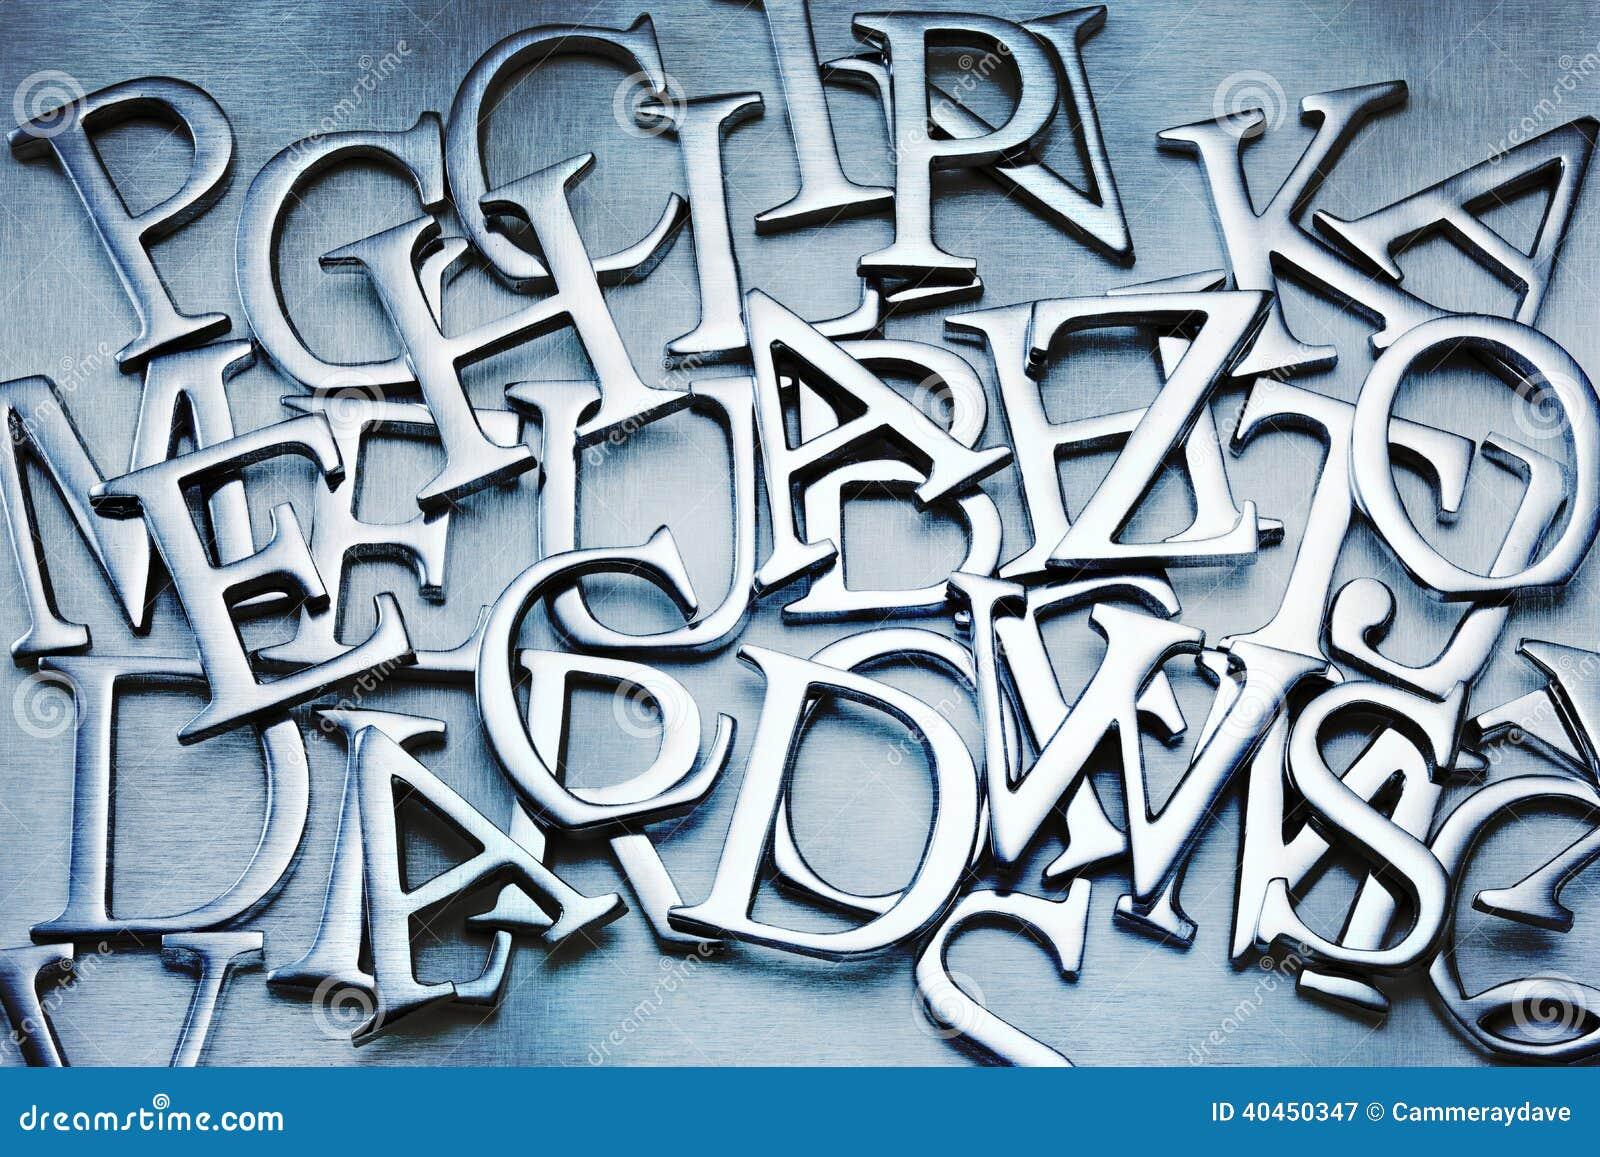 El extracto pone letras al fondo del alfabeto